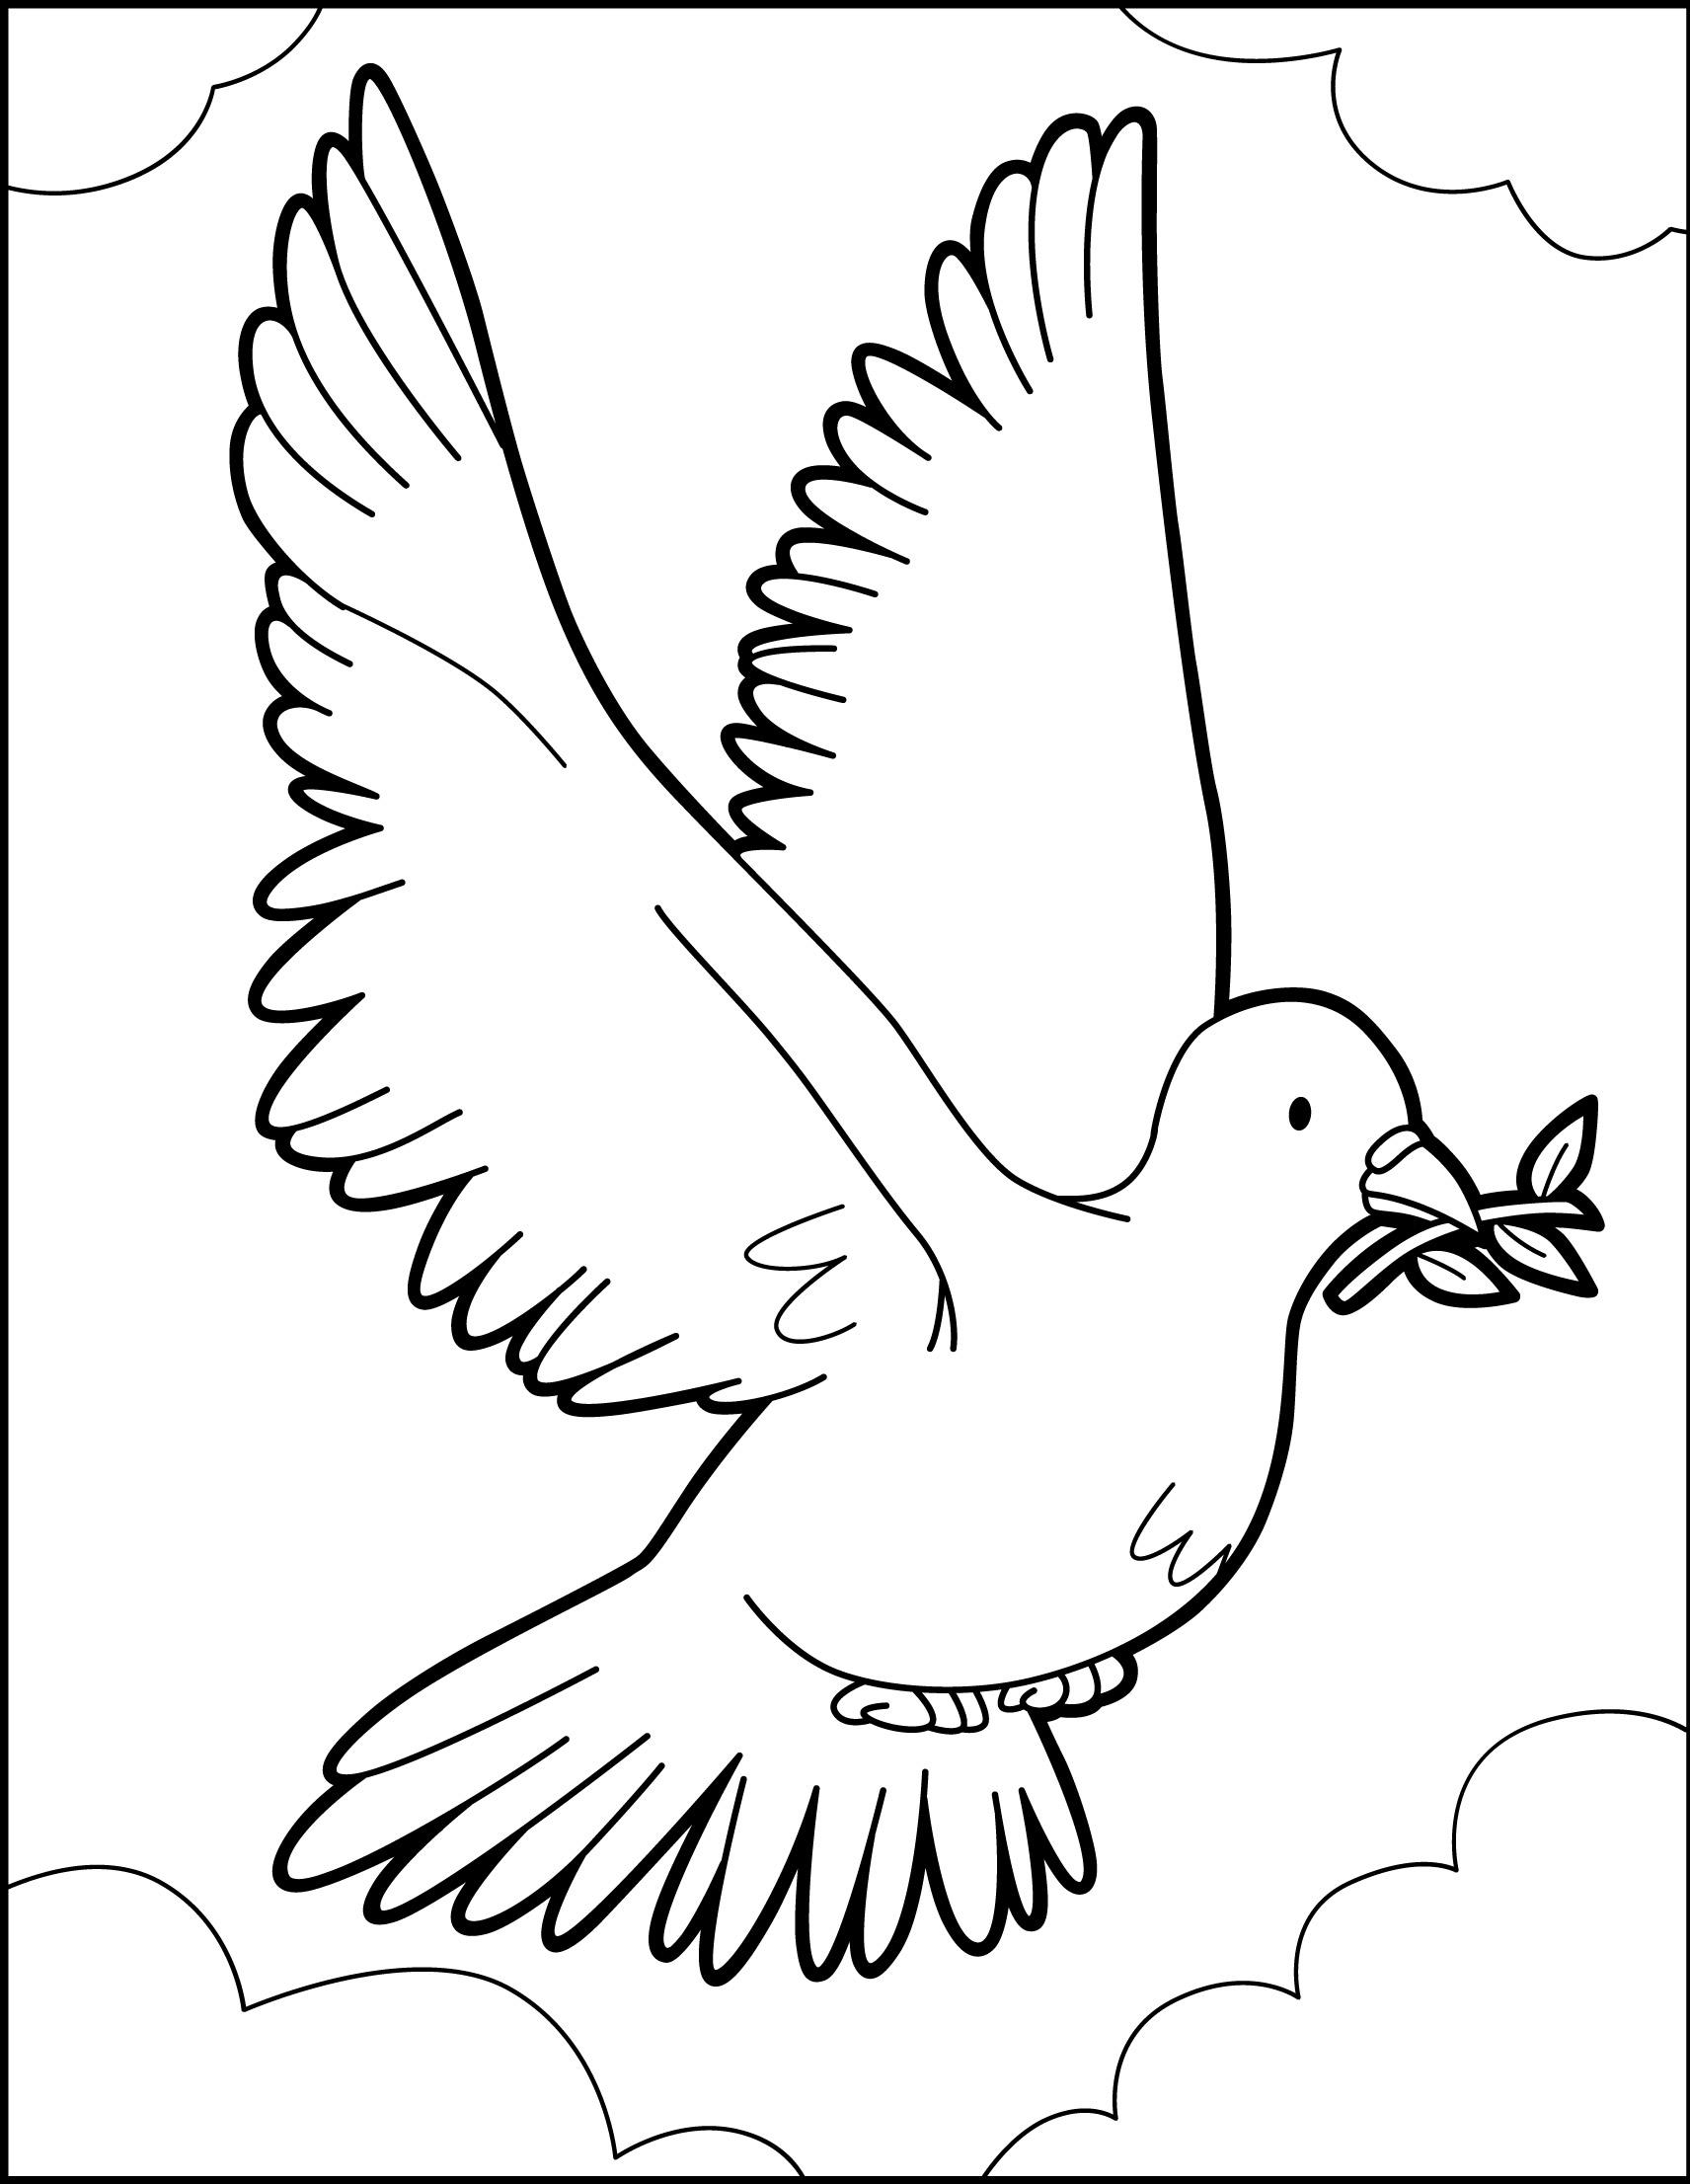 Dibujo para colorear : El vuelo de la paloma de paz